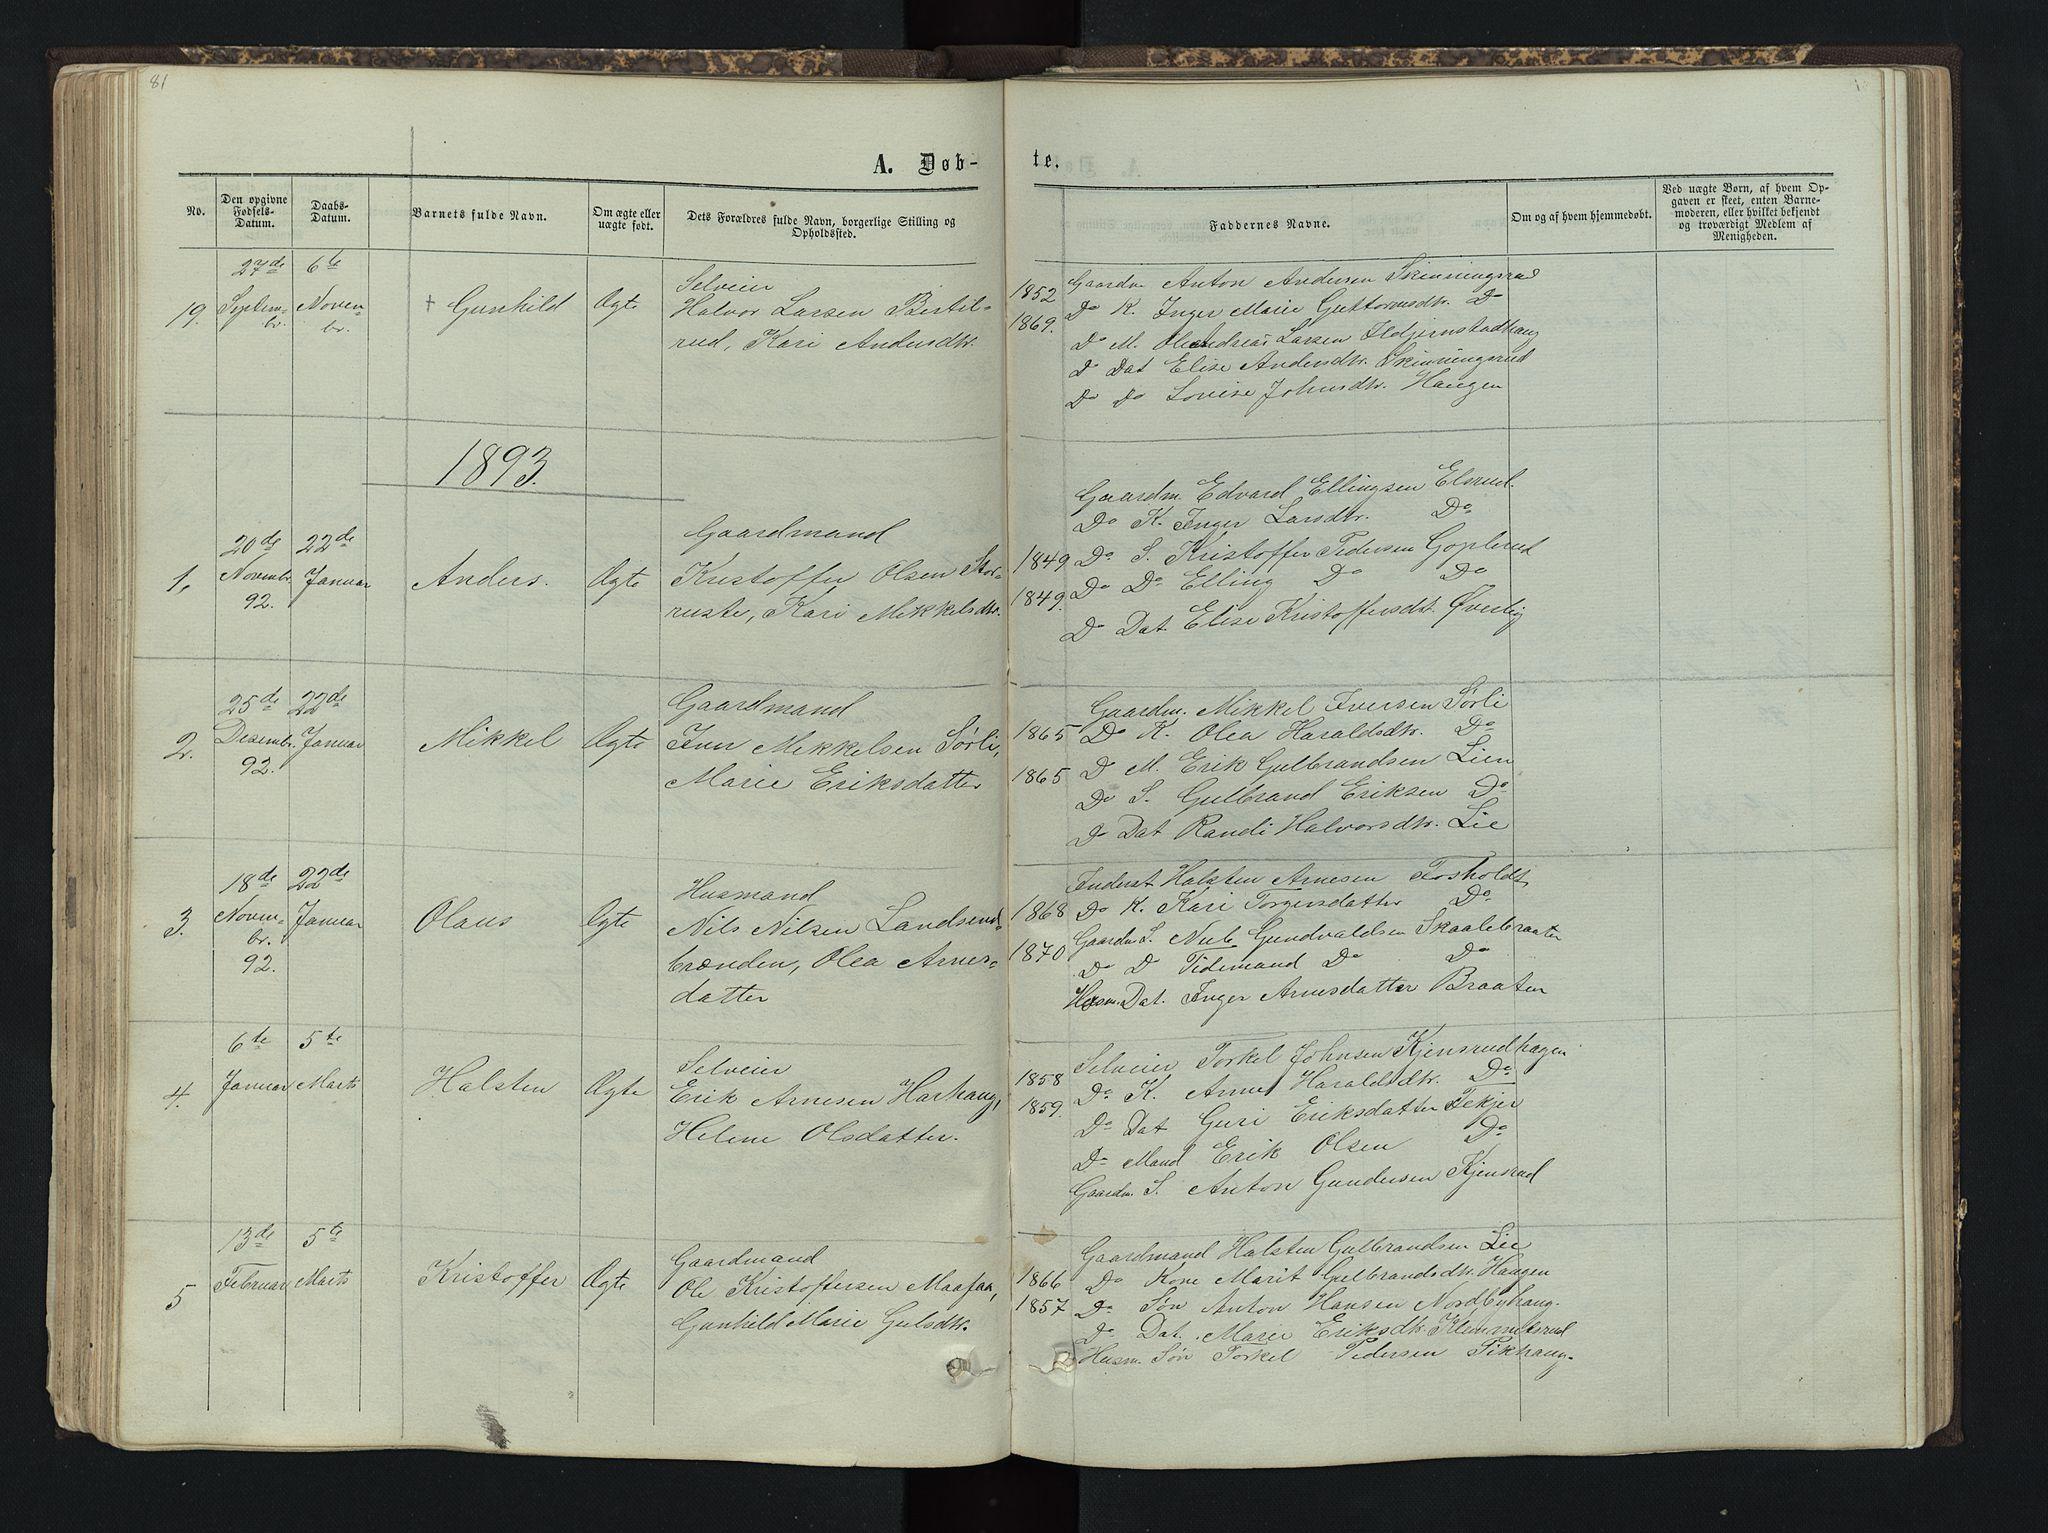 SAH, Sør-Aurdal prestekontor, Klokkerbok nr. 4, 1865-1893, s. 81